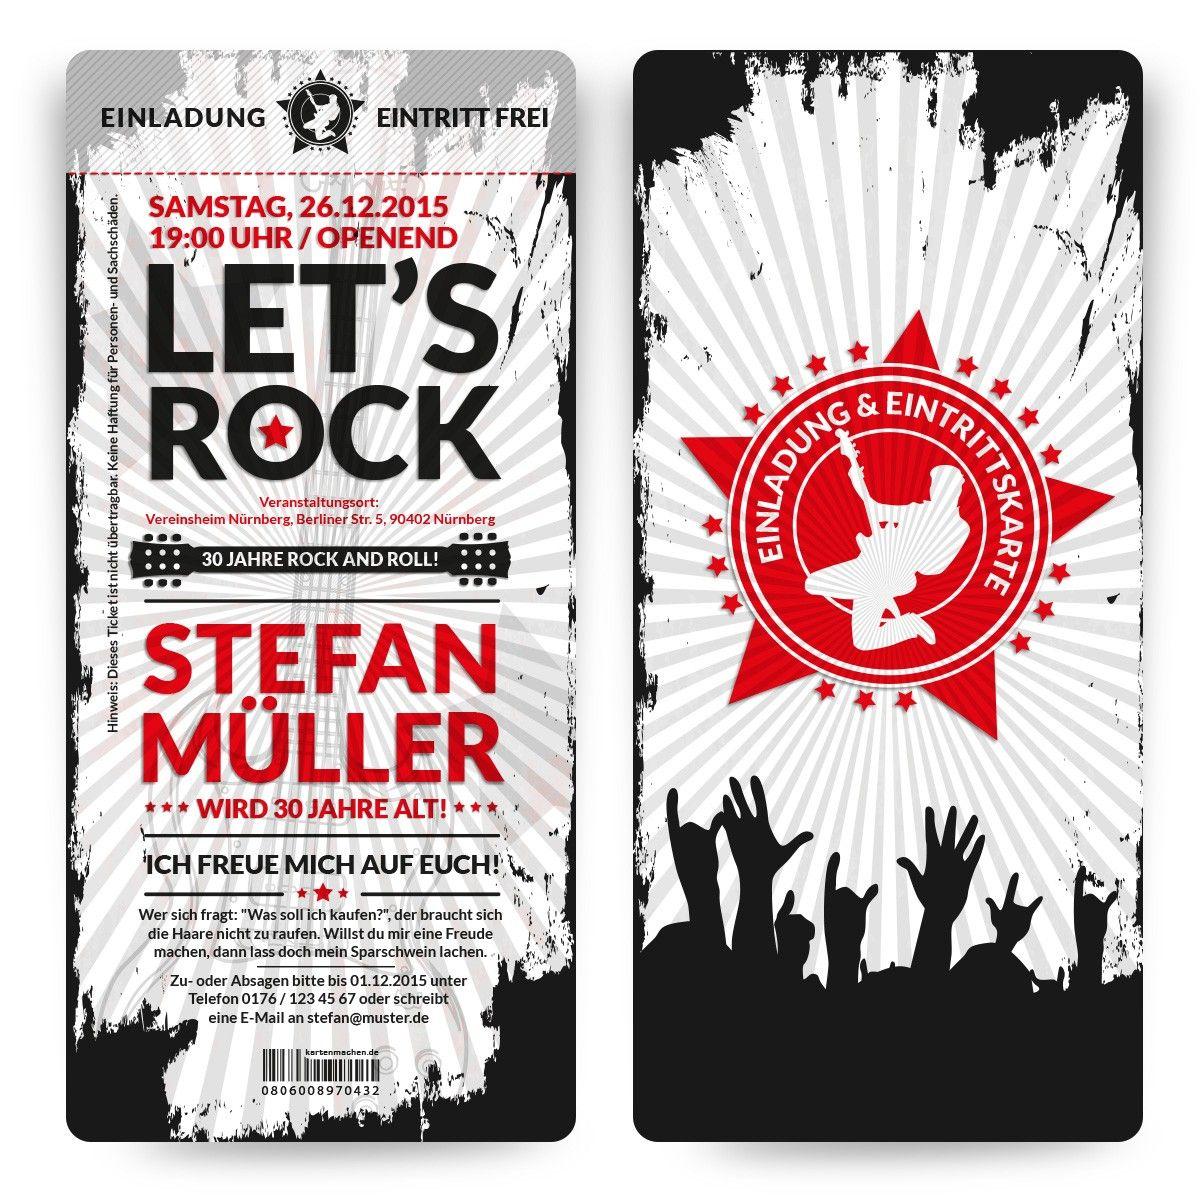 Einladungskarten Zum Geburtstag Im Rock And Roll Ticket Motiv Individuell  Bedruckt Und Mit Perforation Versandkostenfrei Online Bestellen!